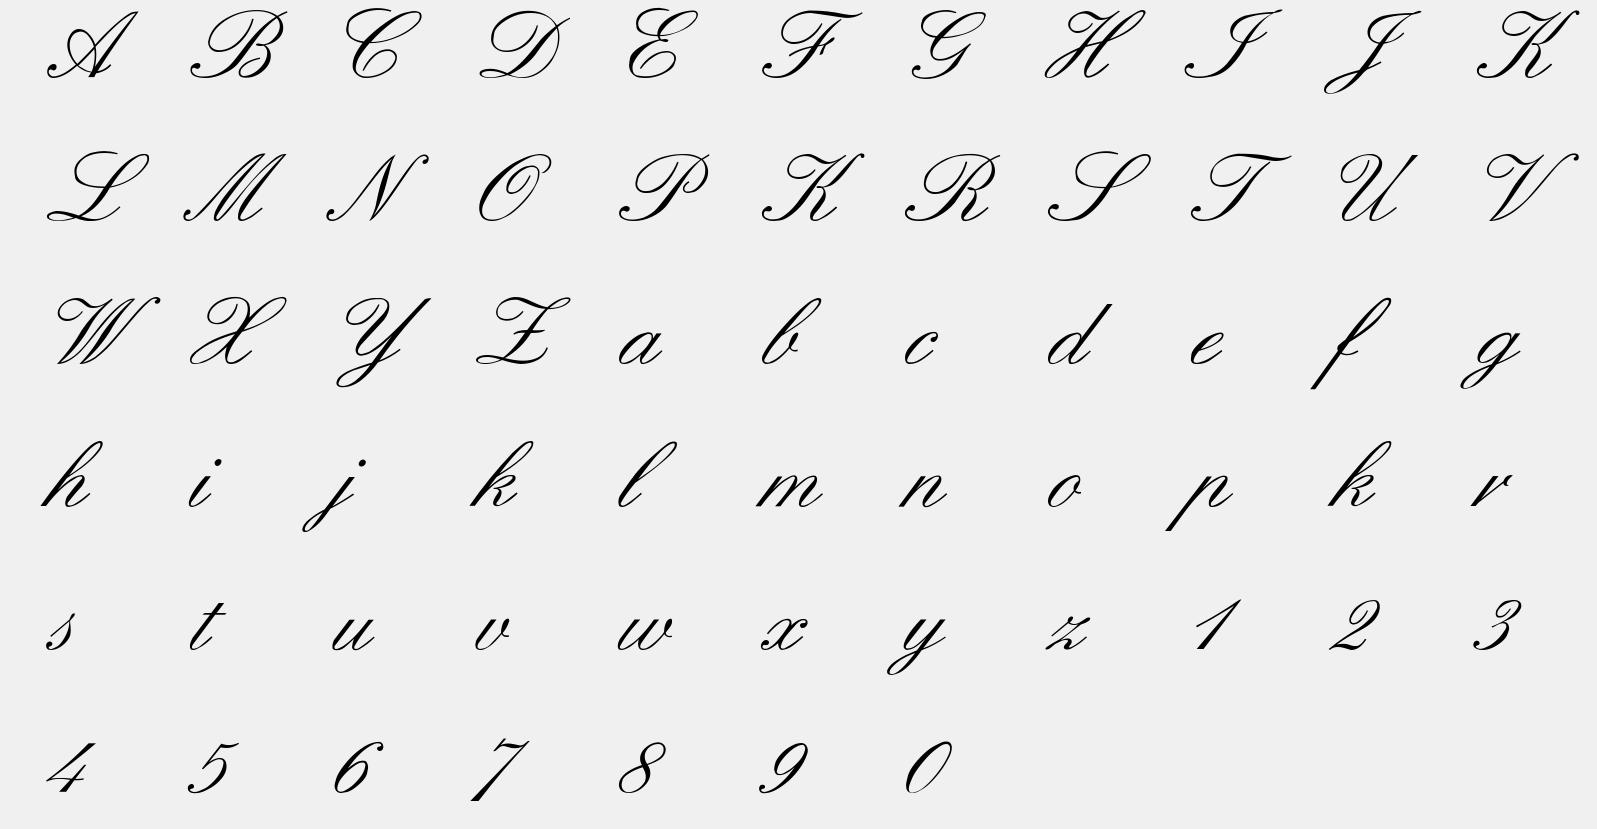 Formal script字体下载,